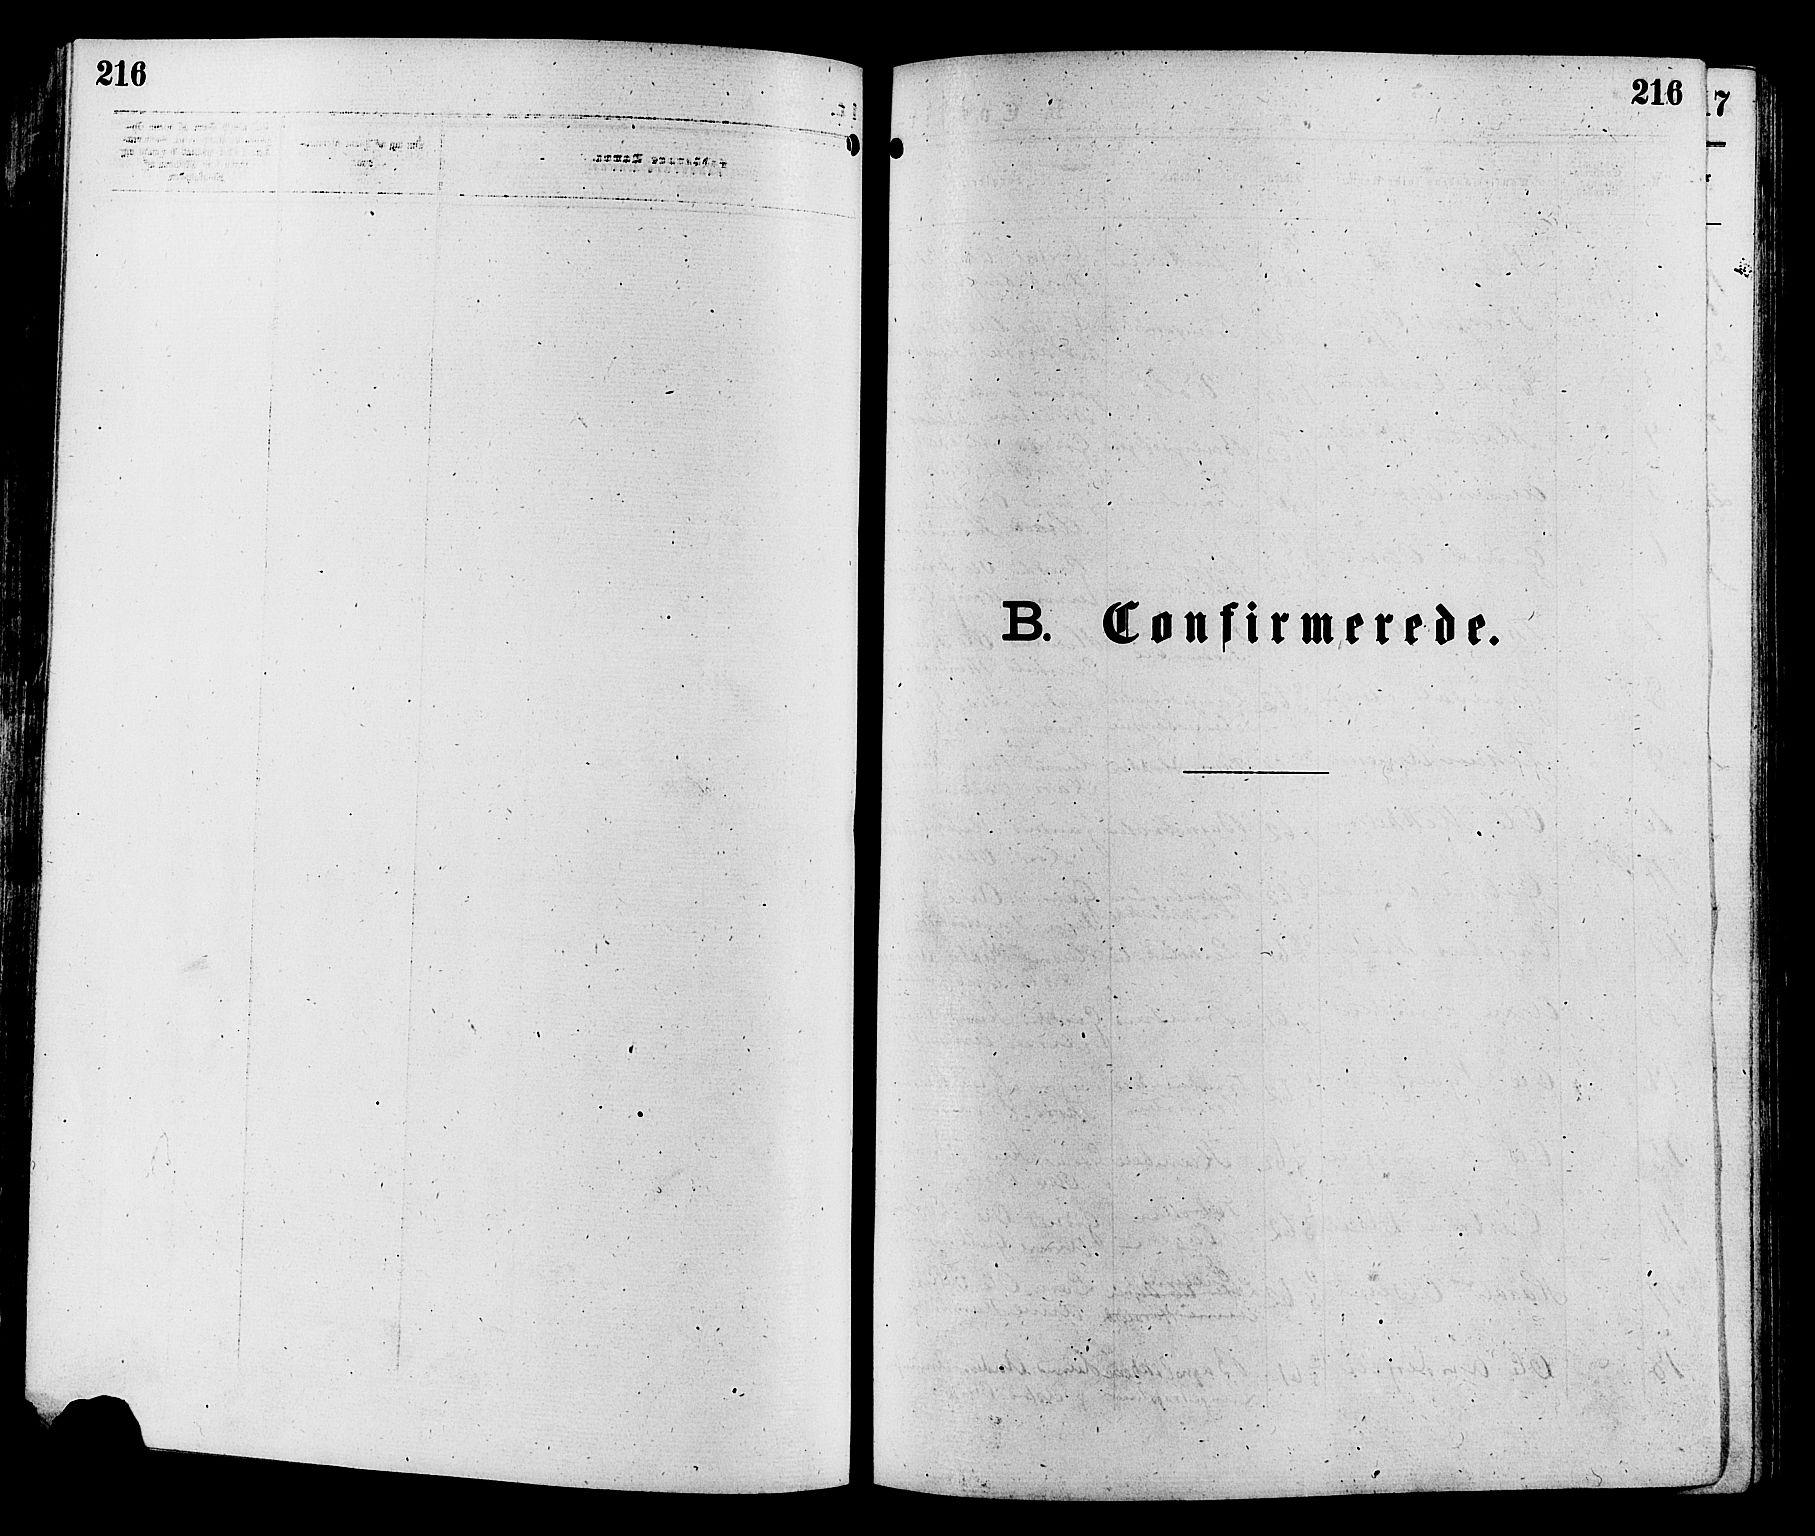 SAH, Sør-Aurdal prestekontor, Ministerialbok nr. 8, 1877-1885, s. 216